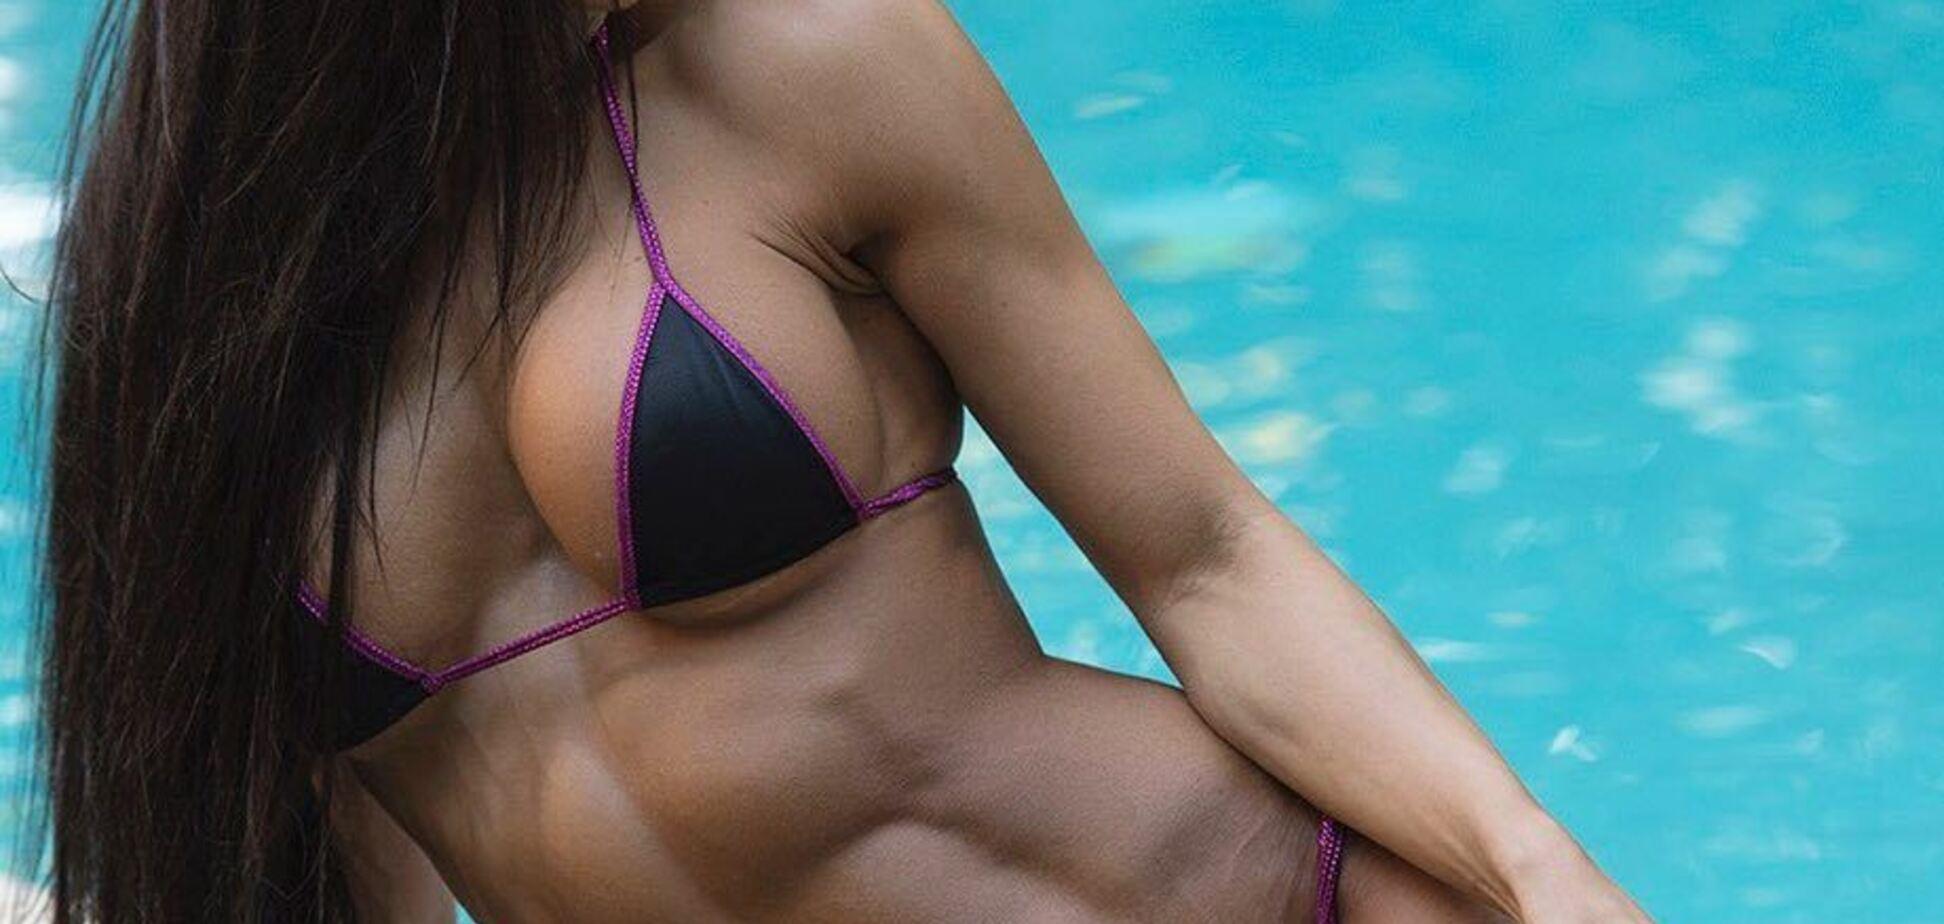 Знаменита фітнес-модель знялася оголеною, викликавши захоплення ідеальним тілом